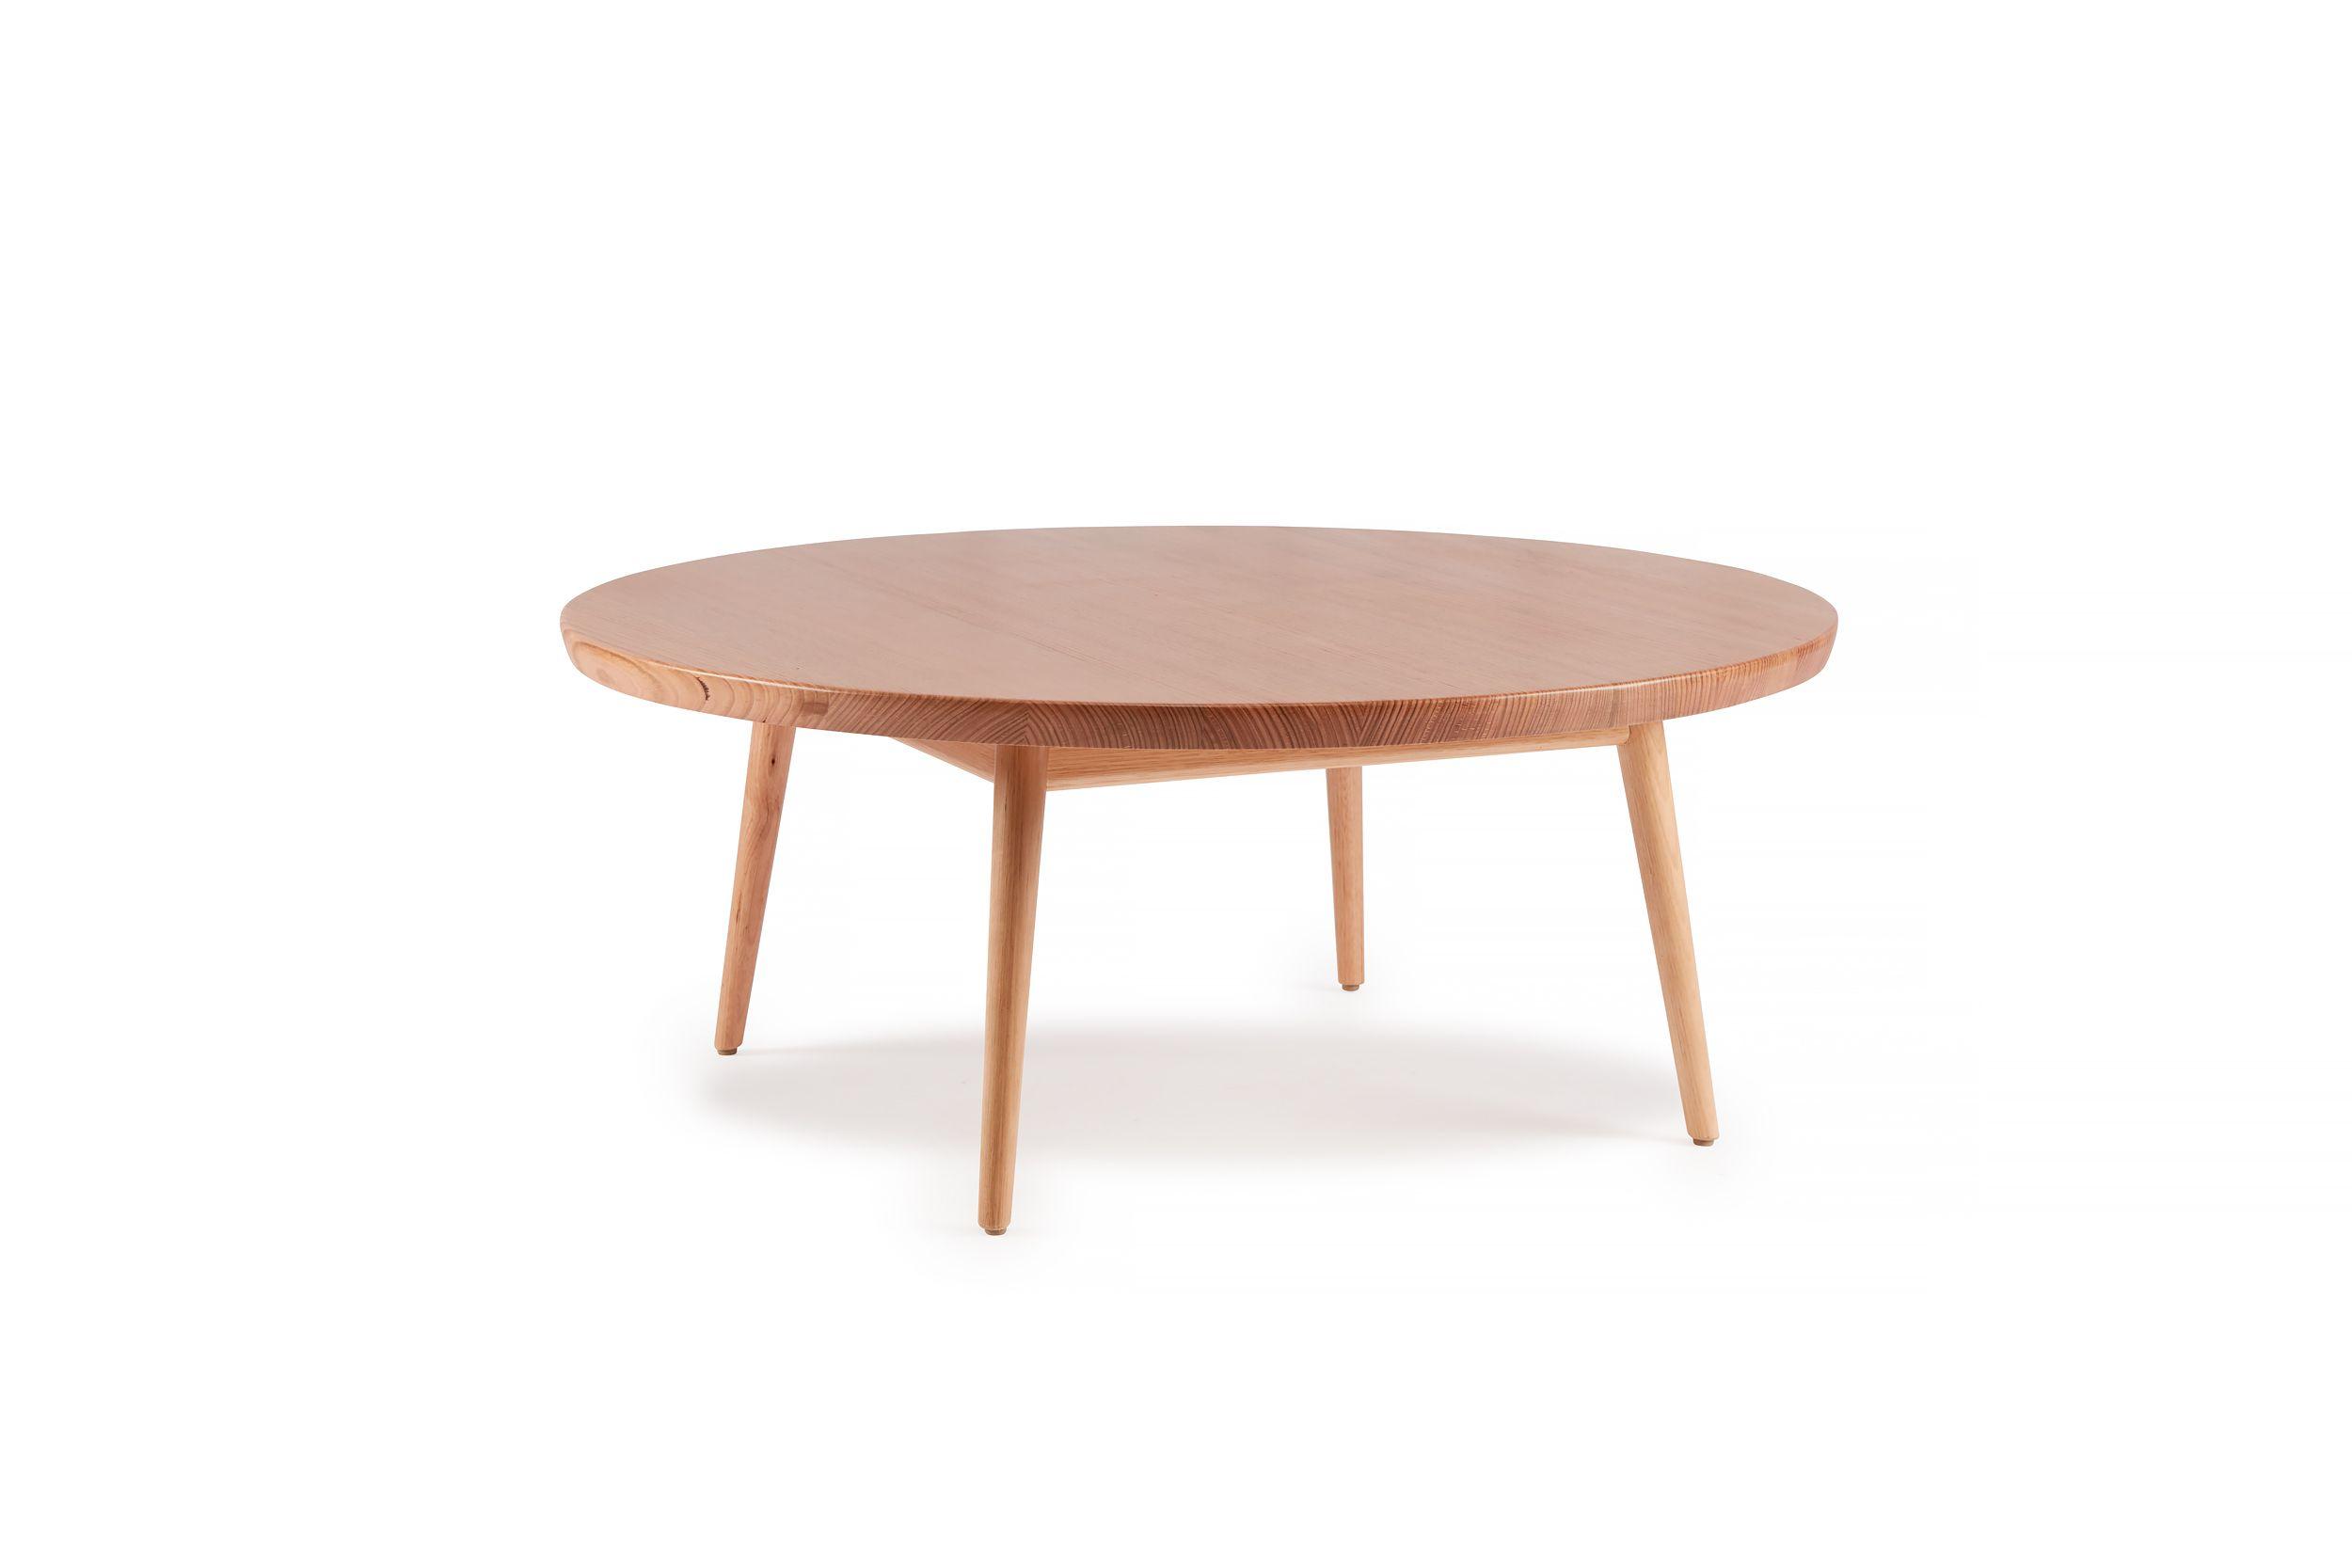 dc225af8a9178f2cecc7f47dcd4c6547 Incroyable De Table Basse Le Corbusier Concept